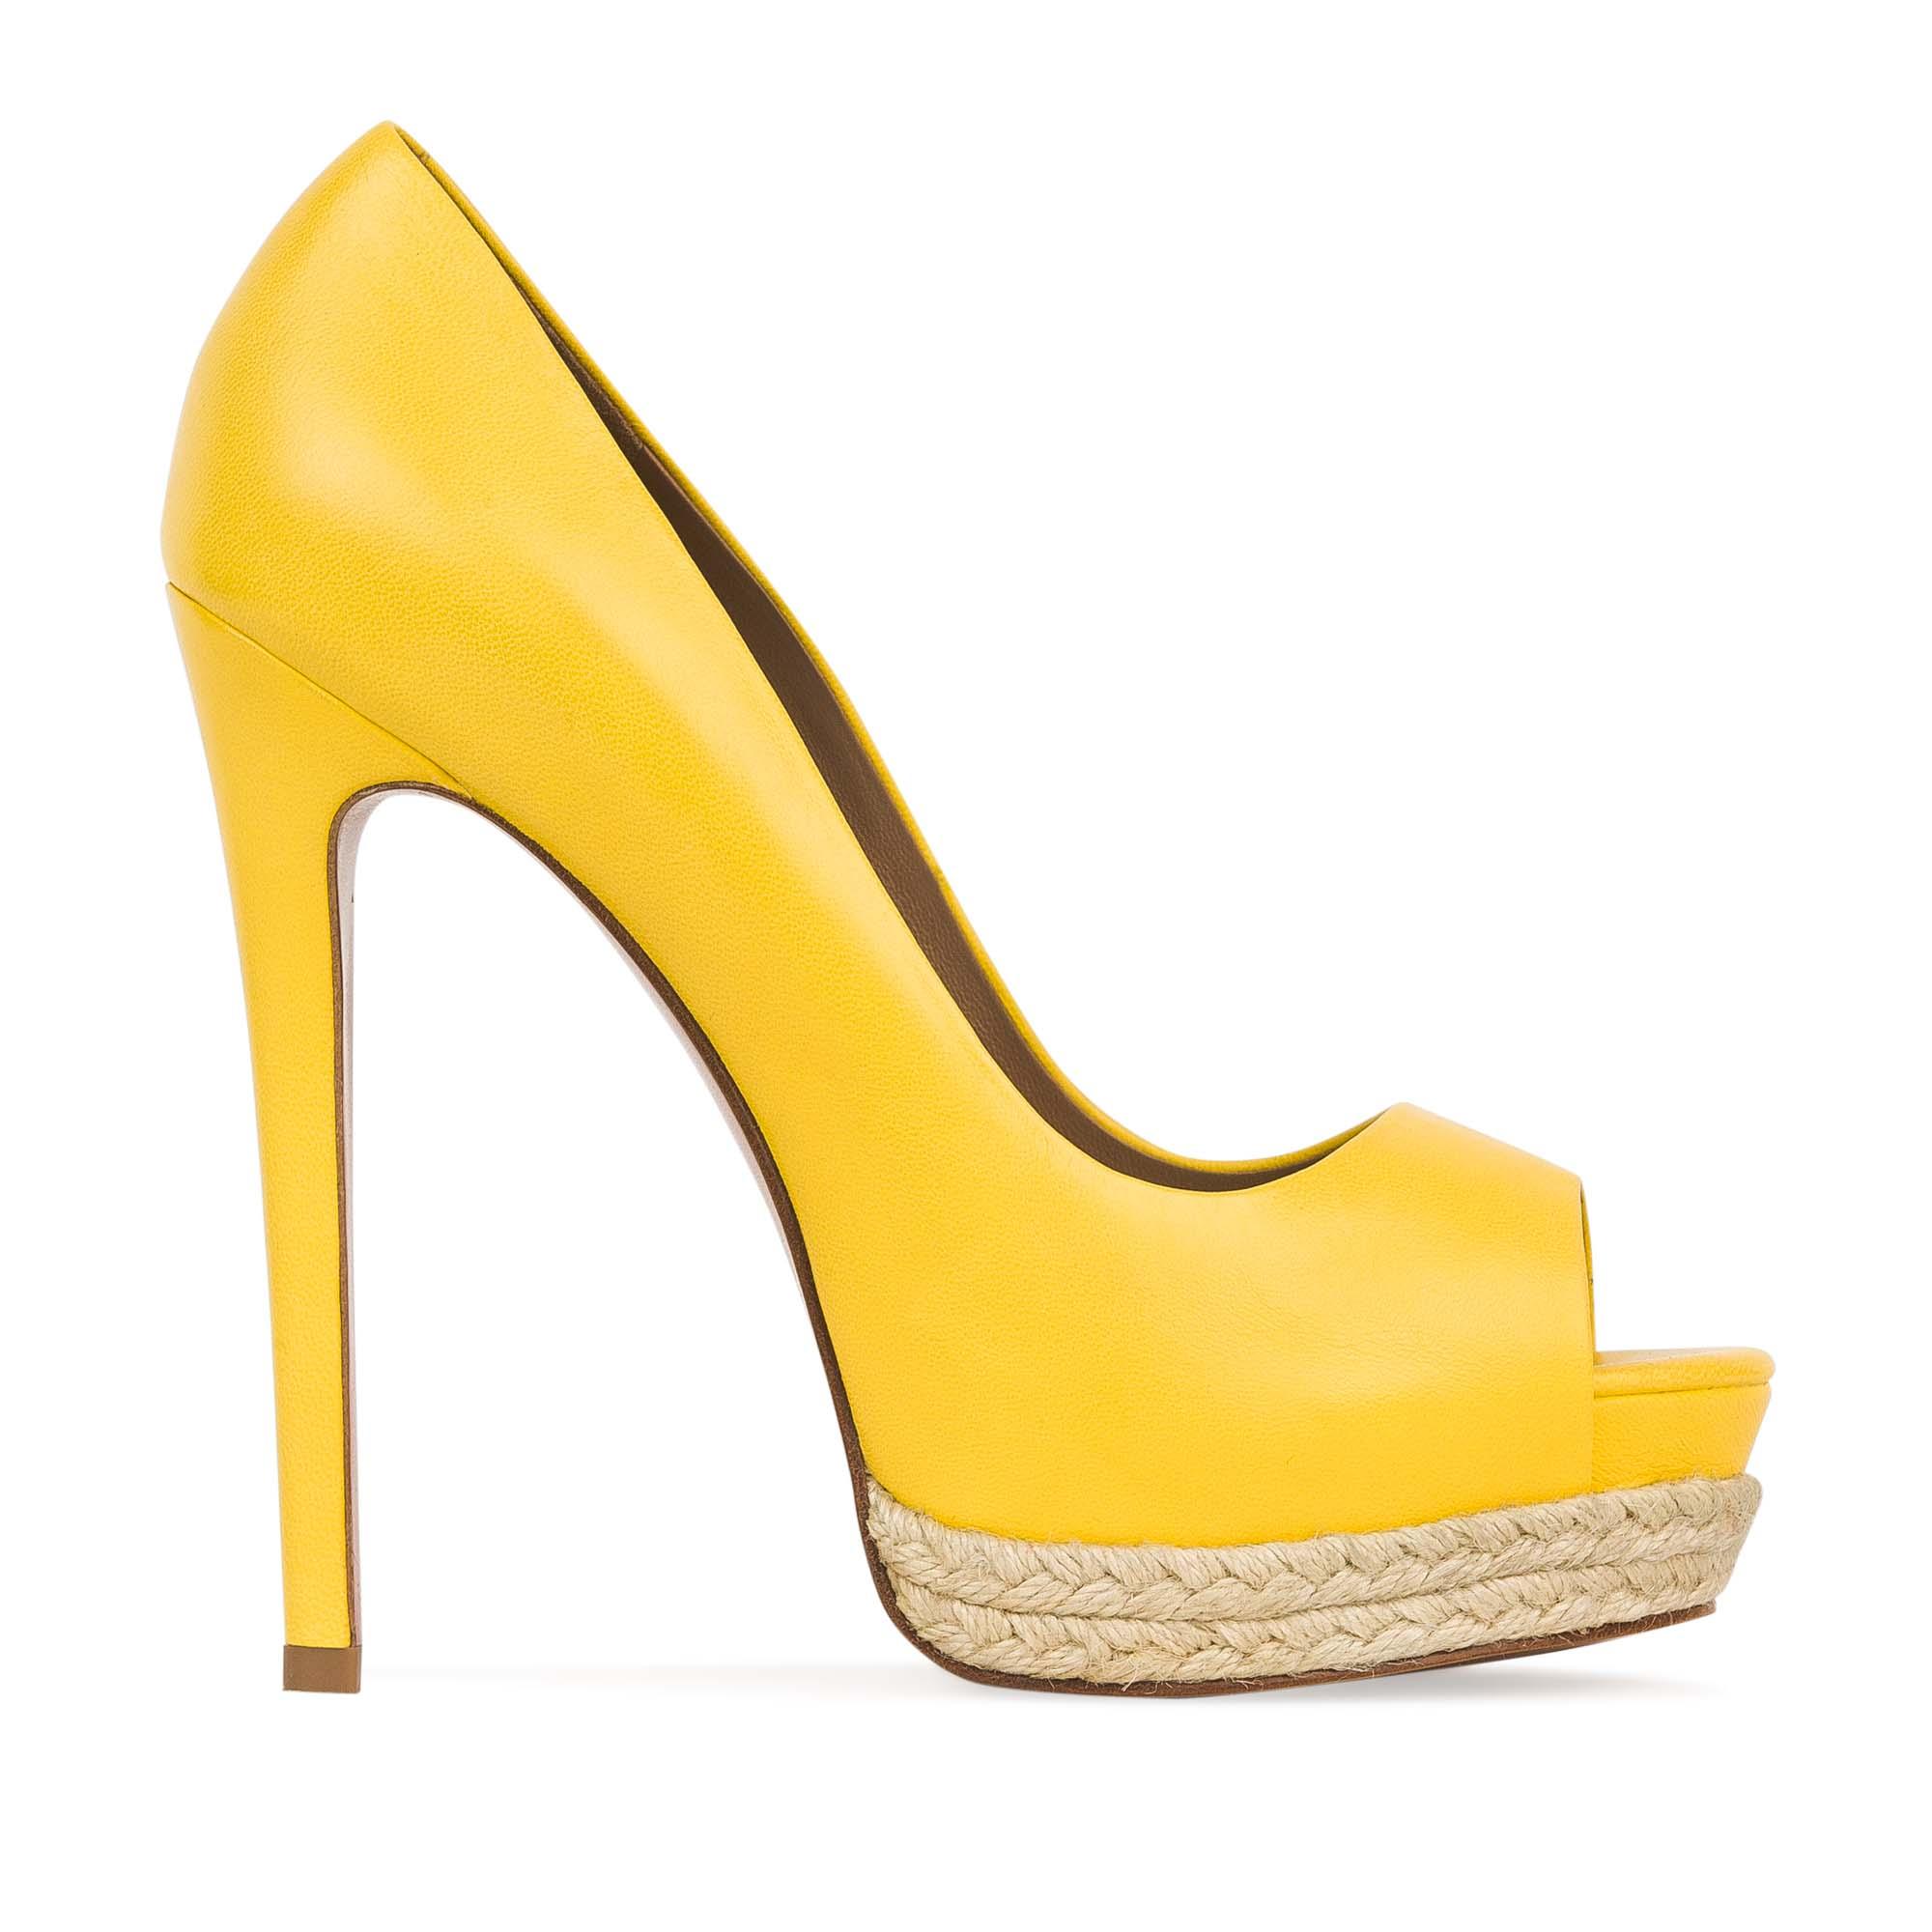 CORSOCOMO Кожаные туфли канареечного цвета на джутовой подошве 17-665-10-58A-75